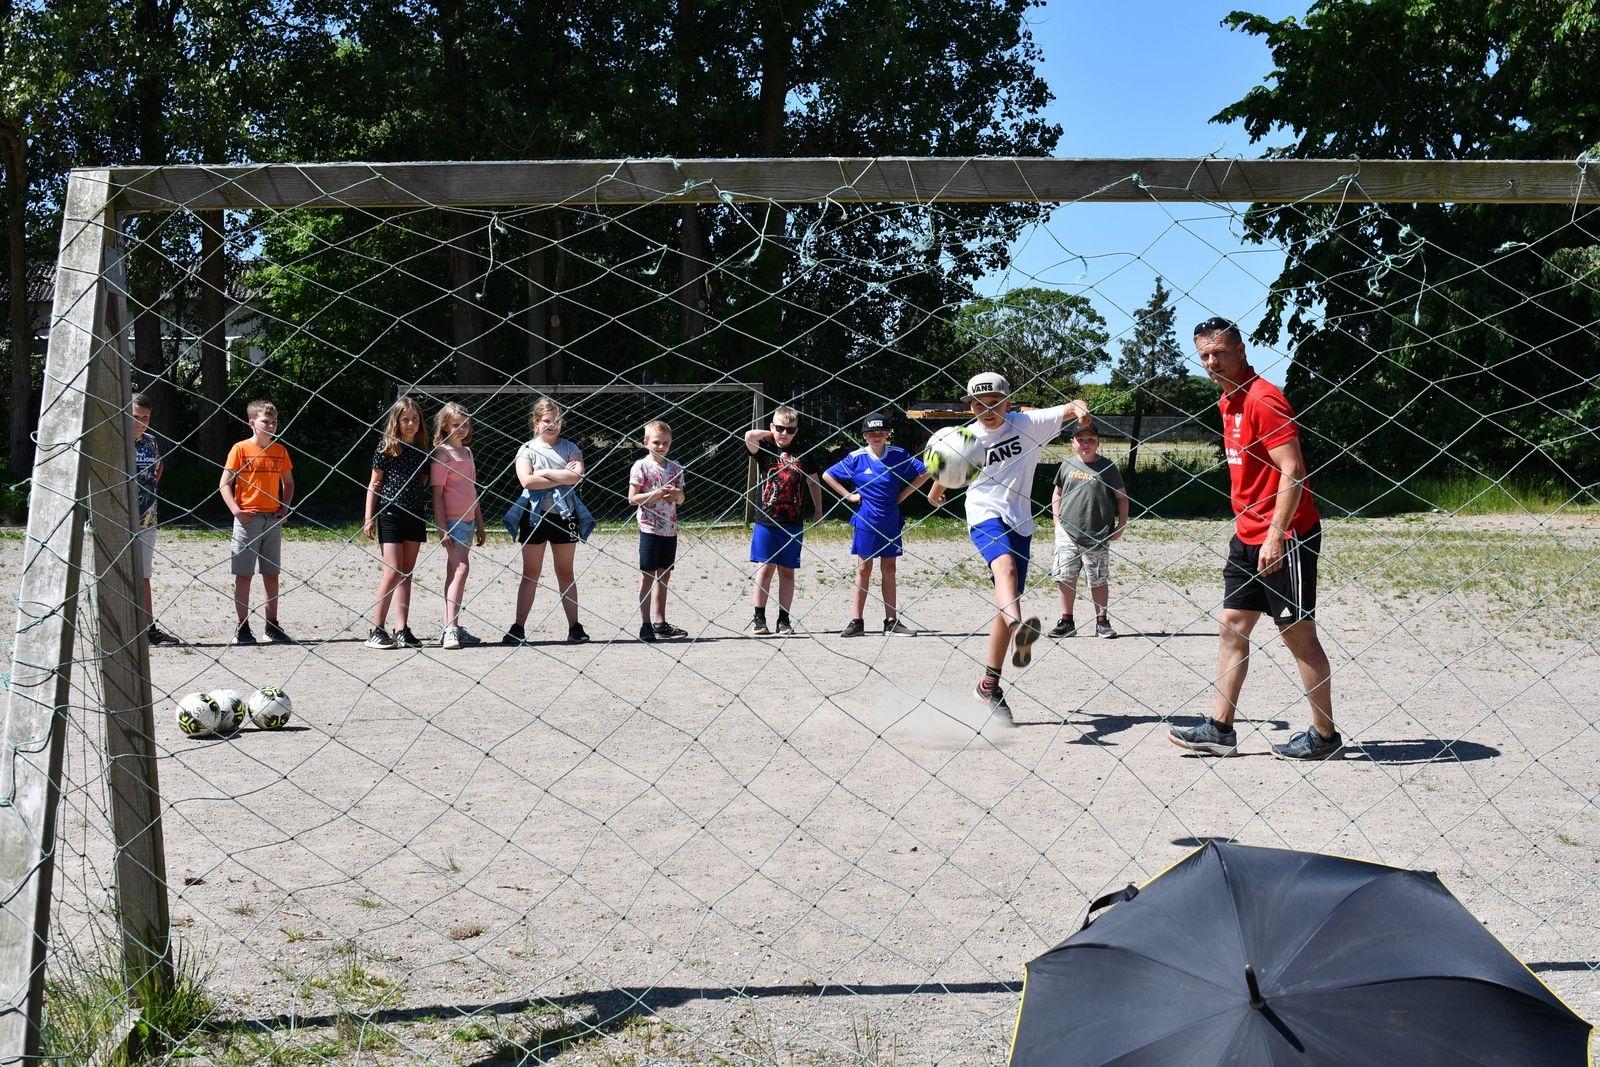 """""""Vi gör det här för att det i artikel 31 står att alla barn har rätt till meningsfull fritid, vila och lek"""", berättar Linnea som tillsammans med sina klasskompisar i årskurs 3 bland annat fick prova på fotboll med Spjutstorps IF."""